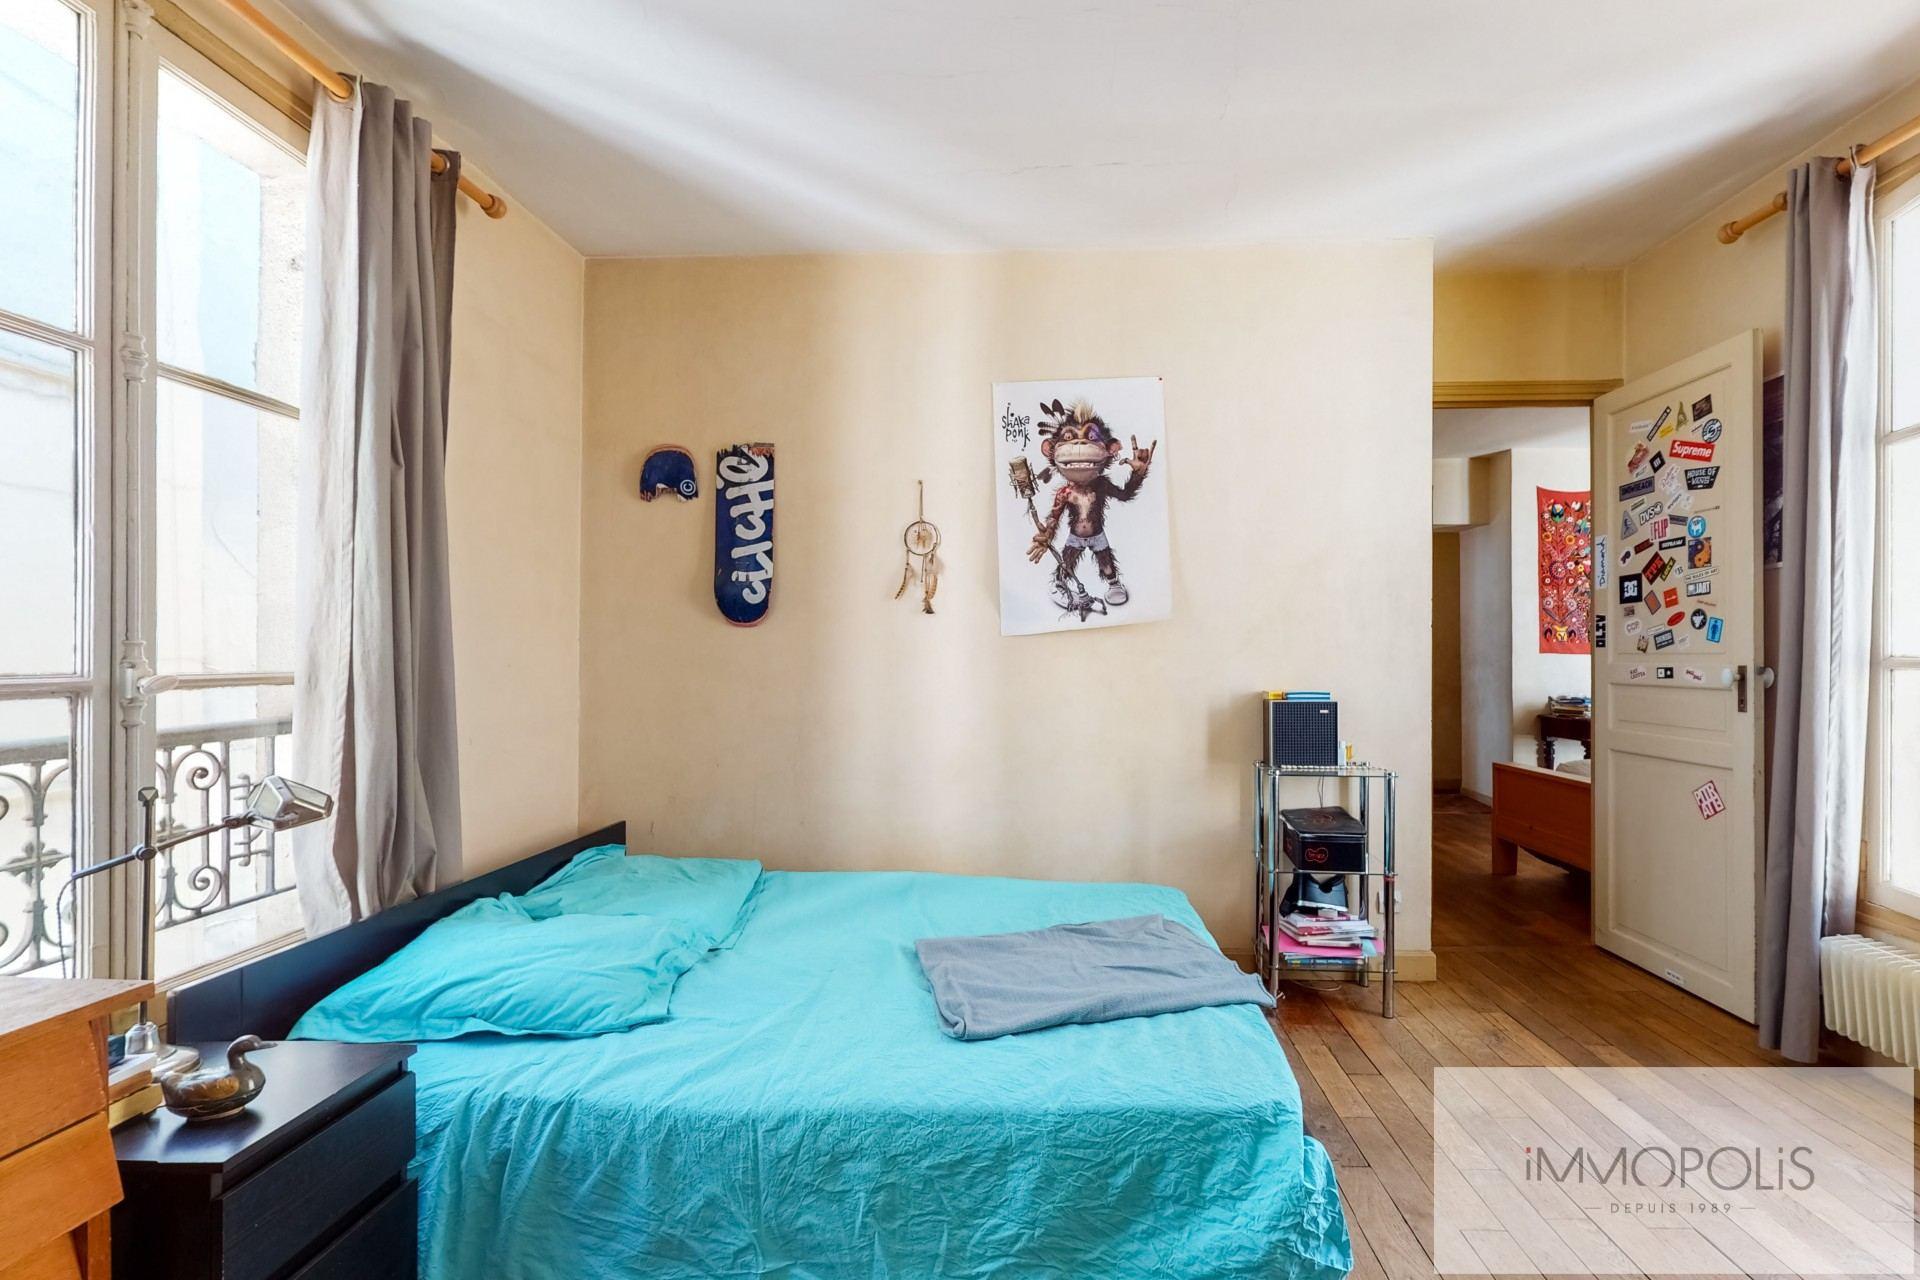 Appartement atypique à rénover, plein de charme, Rue Richard Lenoir – Paris XIème. 6